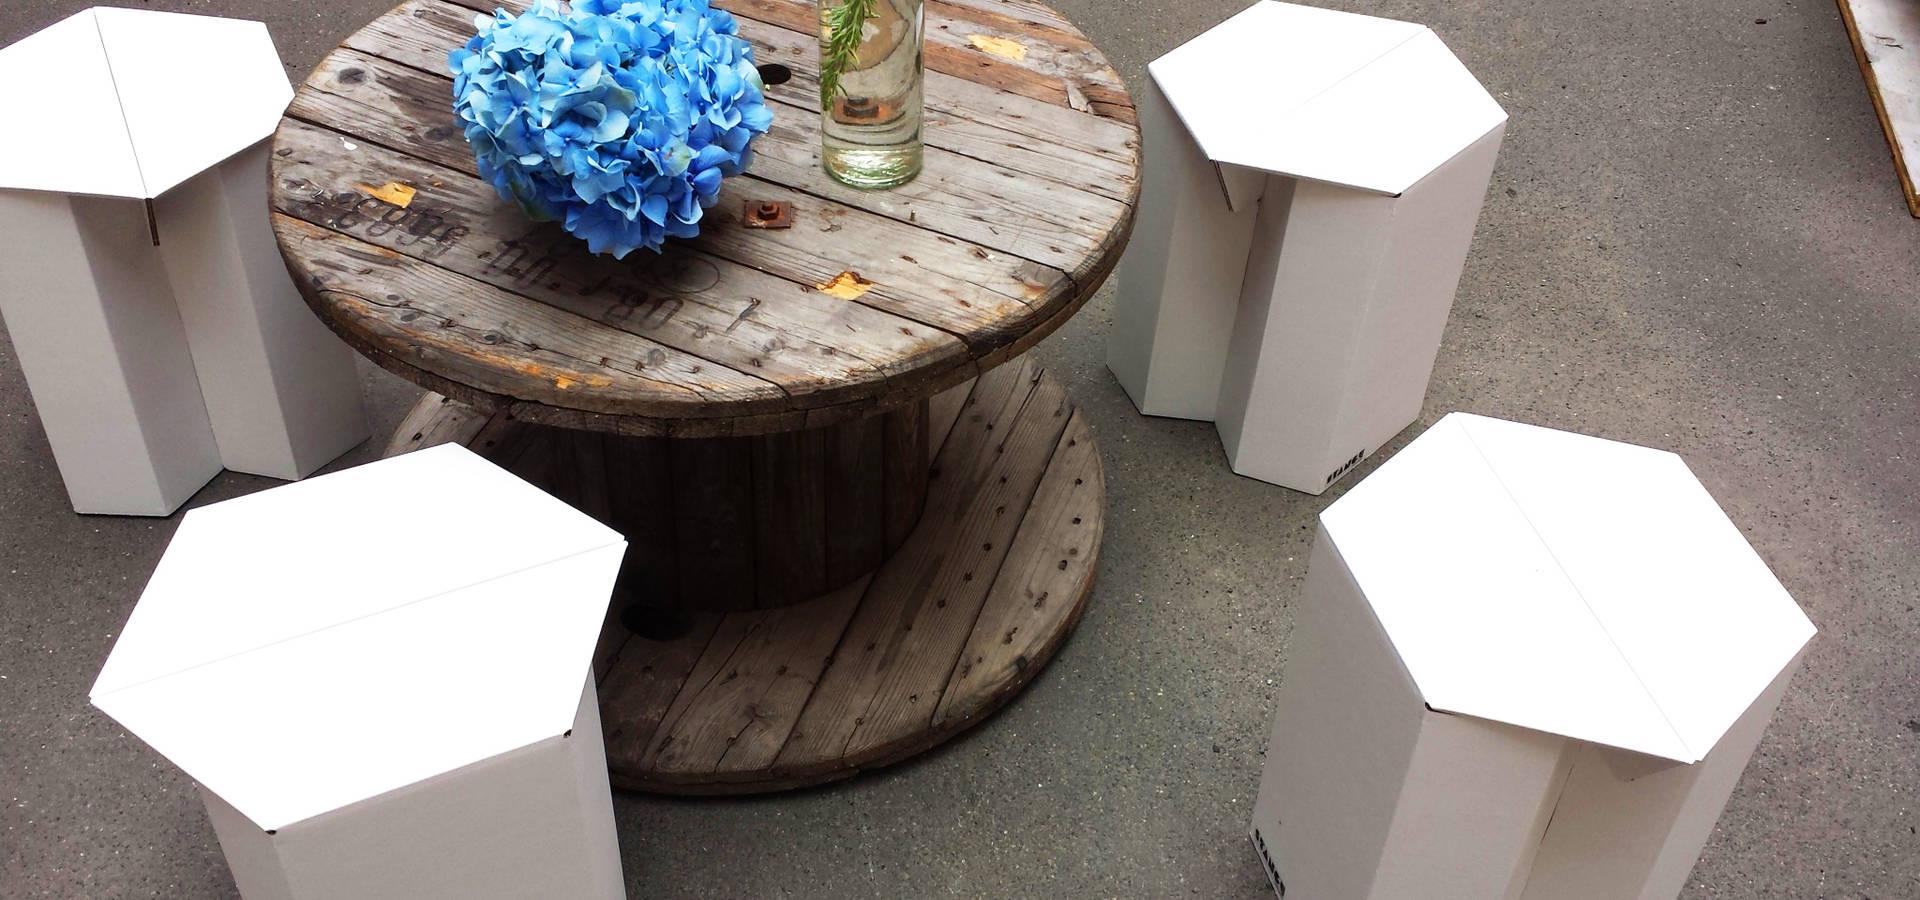 tische aus pappe von stange design homify. Black Bedroom Furniture Sets. Home Design Ideas